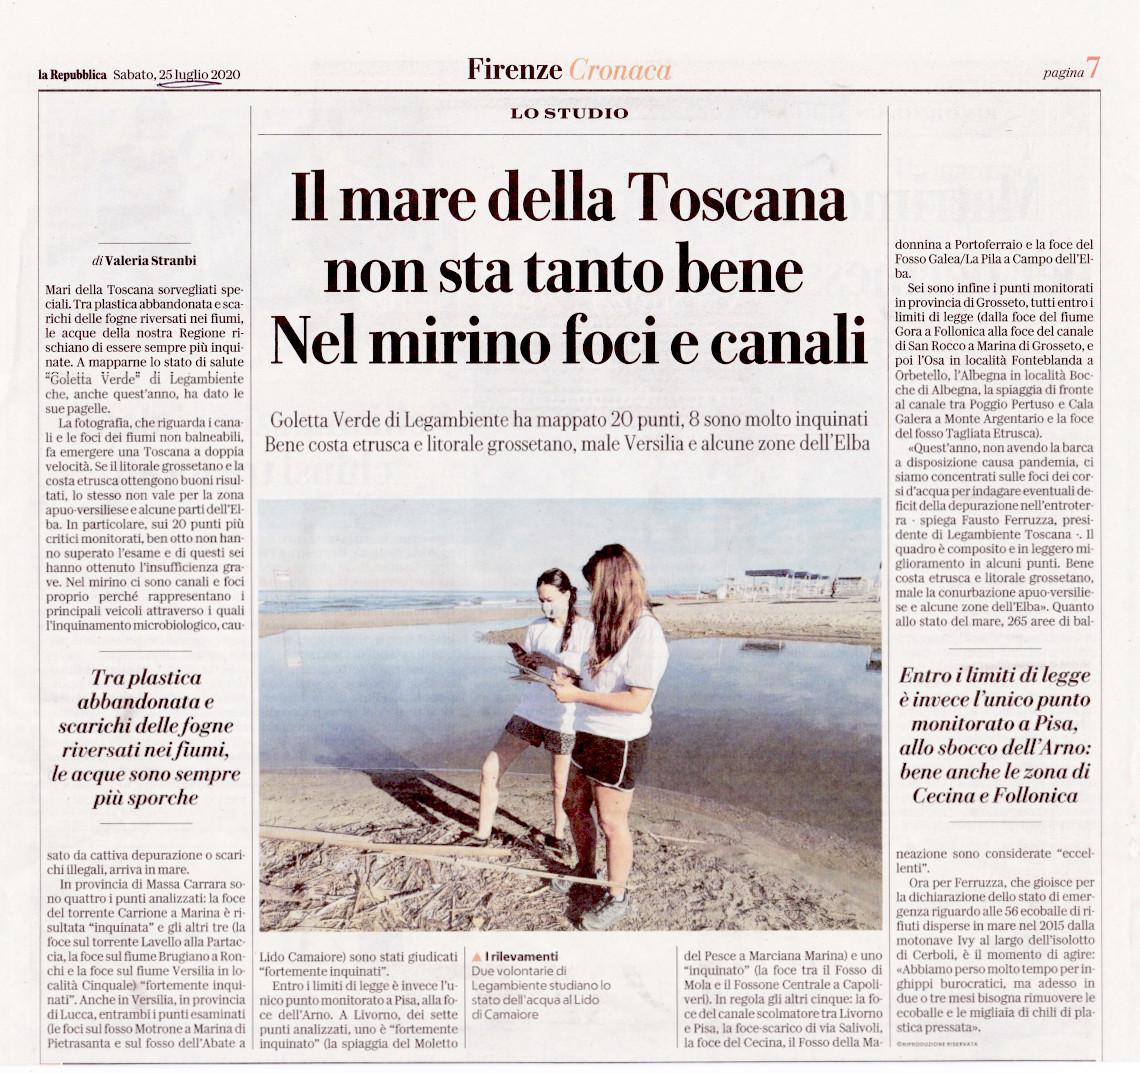 """La Repubblica: """"Il mare della Toscana non sta tanto bene"""""""